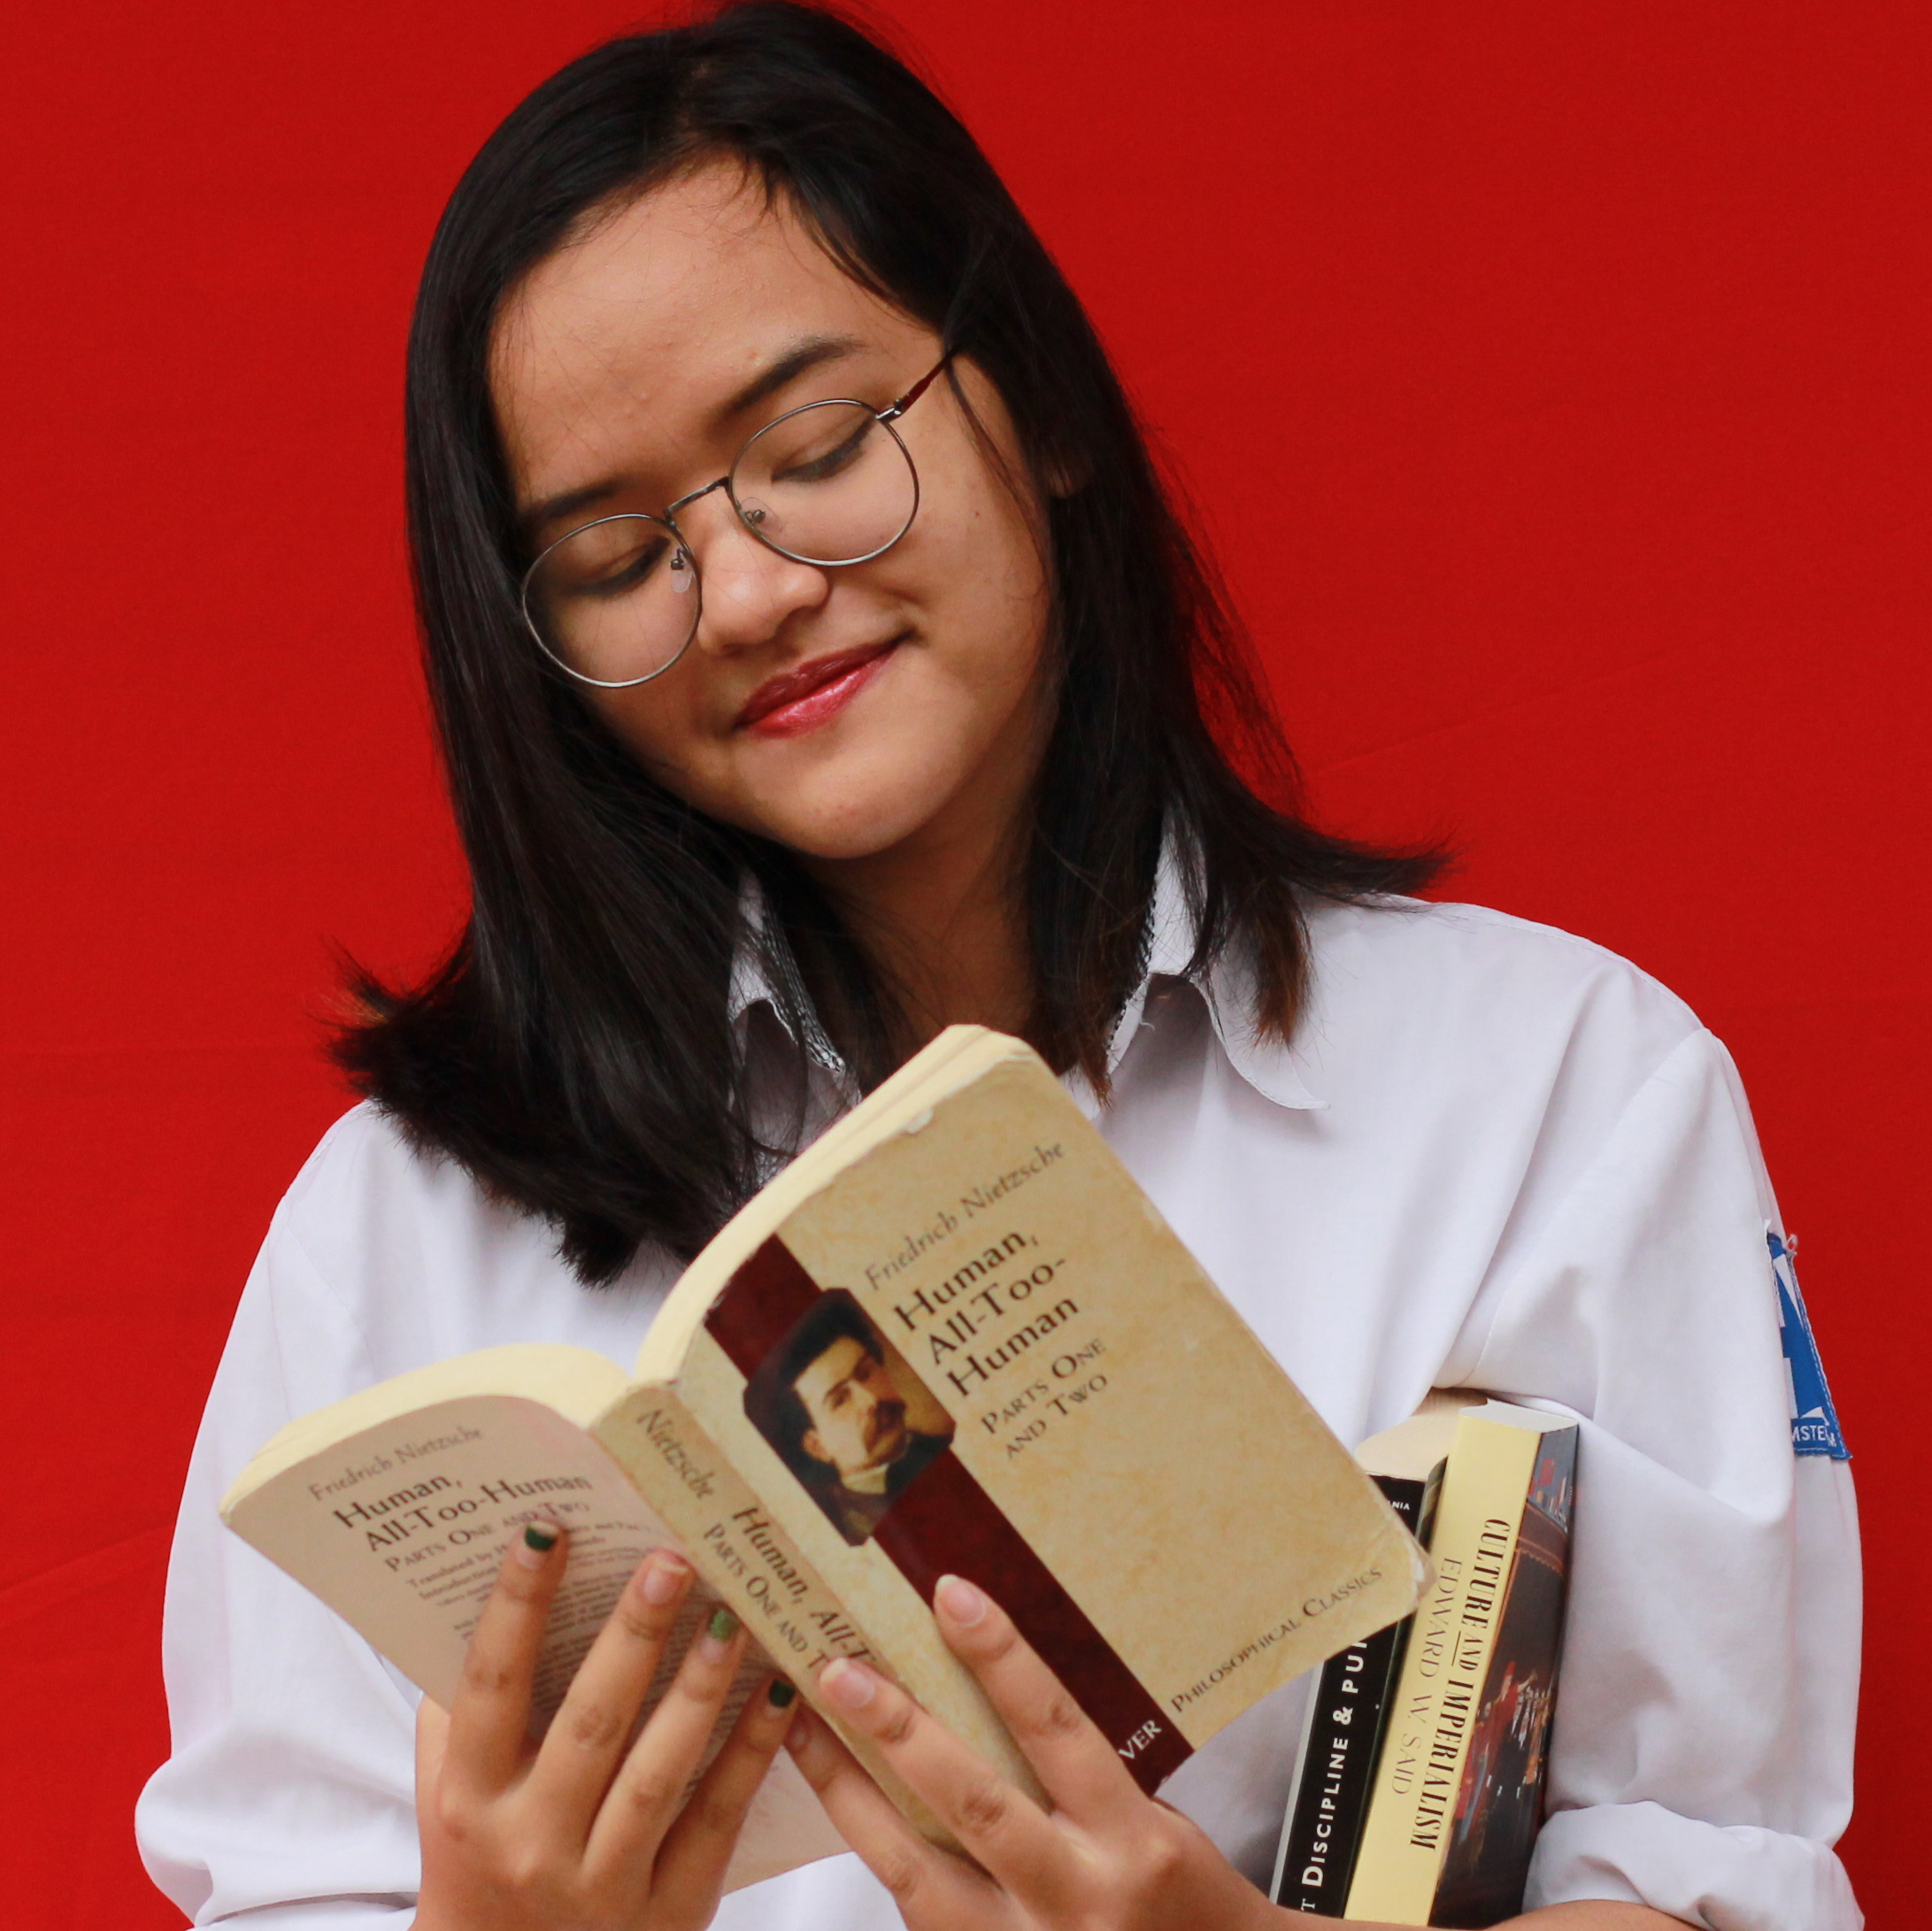 Nữ sinh Việt đạt học bổng 7 tỷ của Harvard nhờ viết bài luận về tên mình - Ảnh 1.